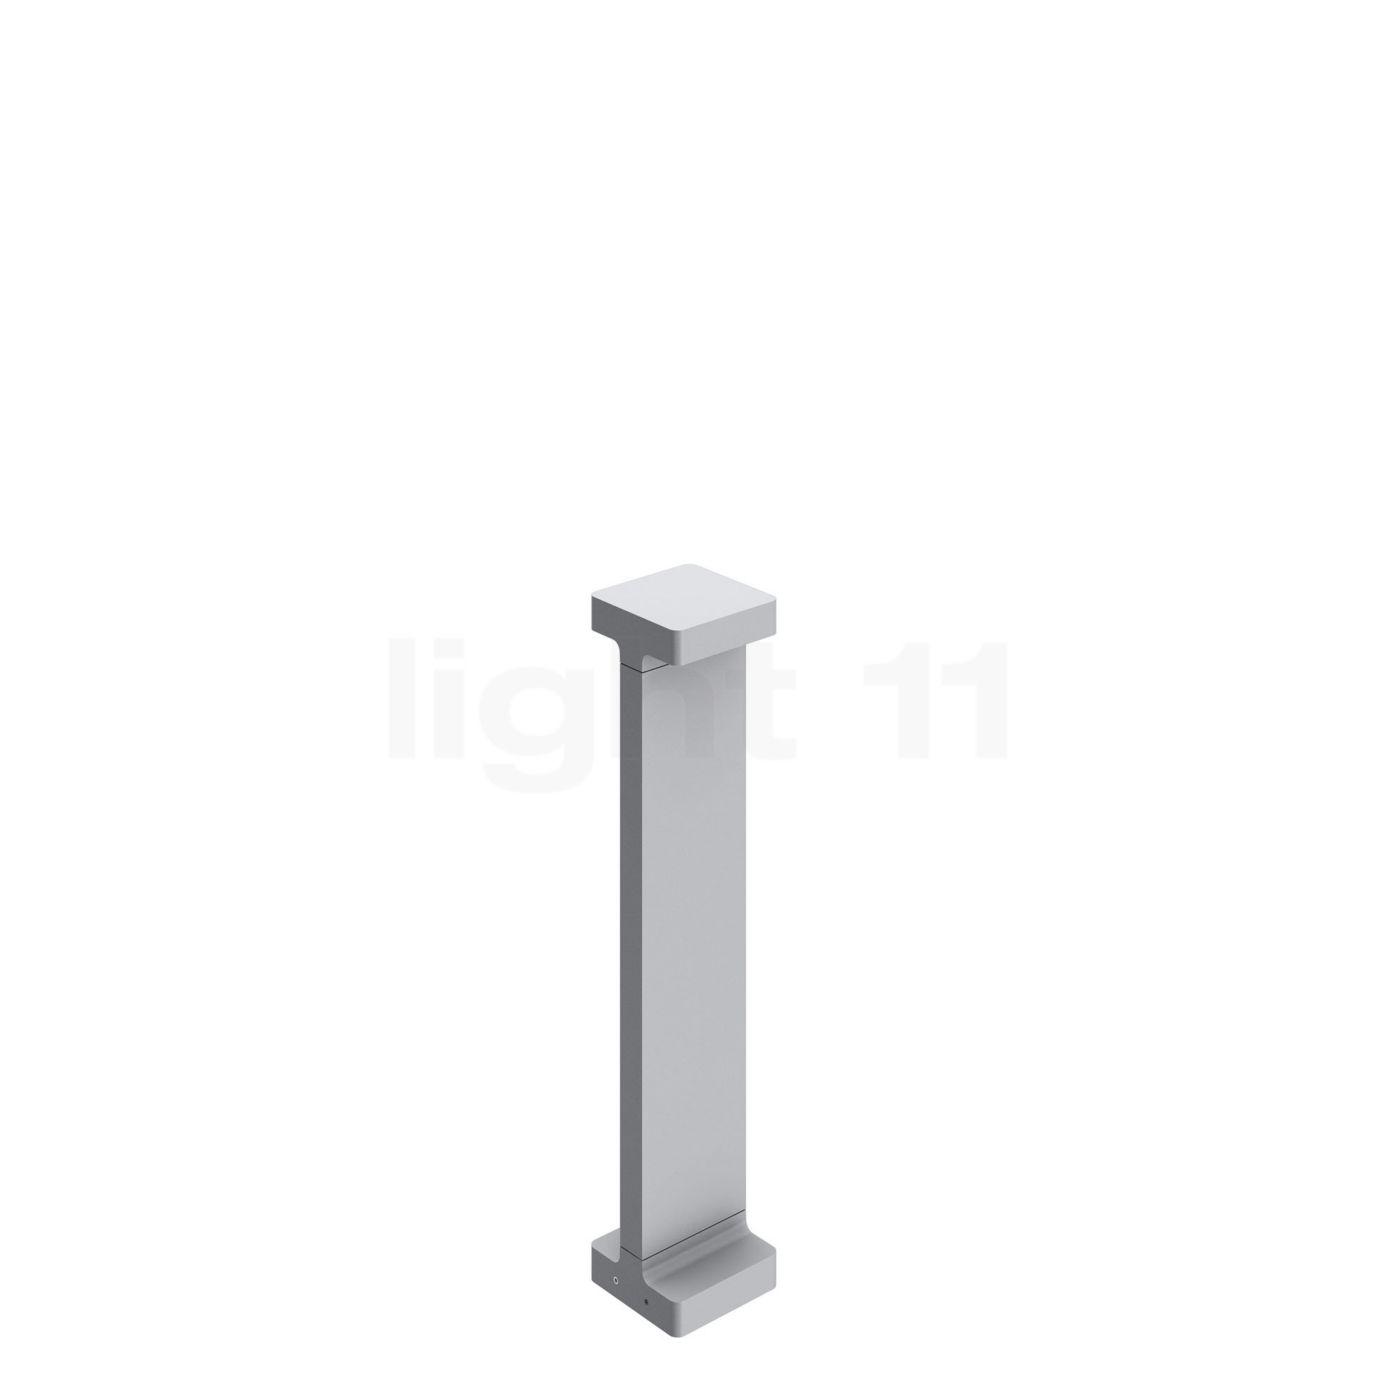 Flos Casting T 100 50 cm, grau F1253006